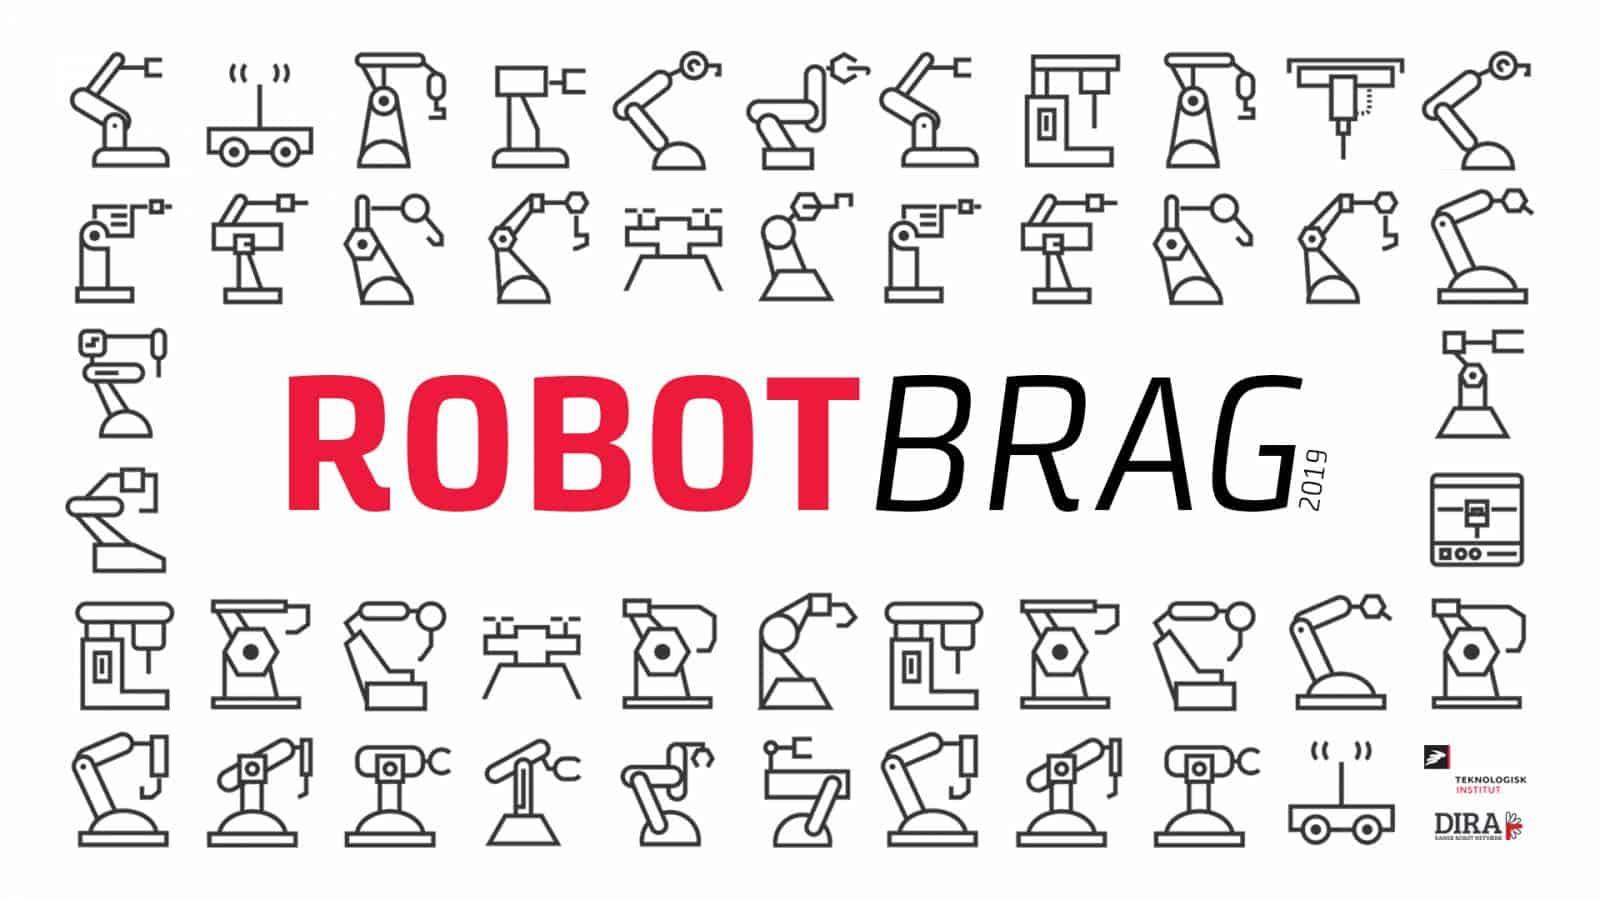 , Salget af industrirobotter stiger igen i Danmark, Gibotech